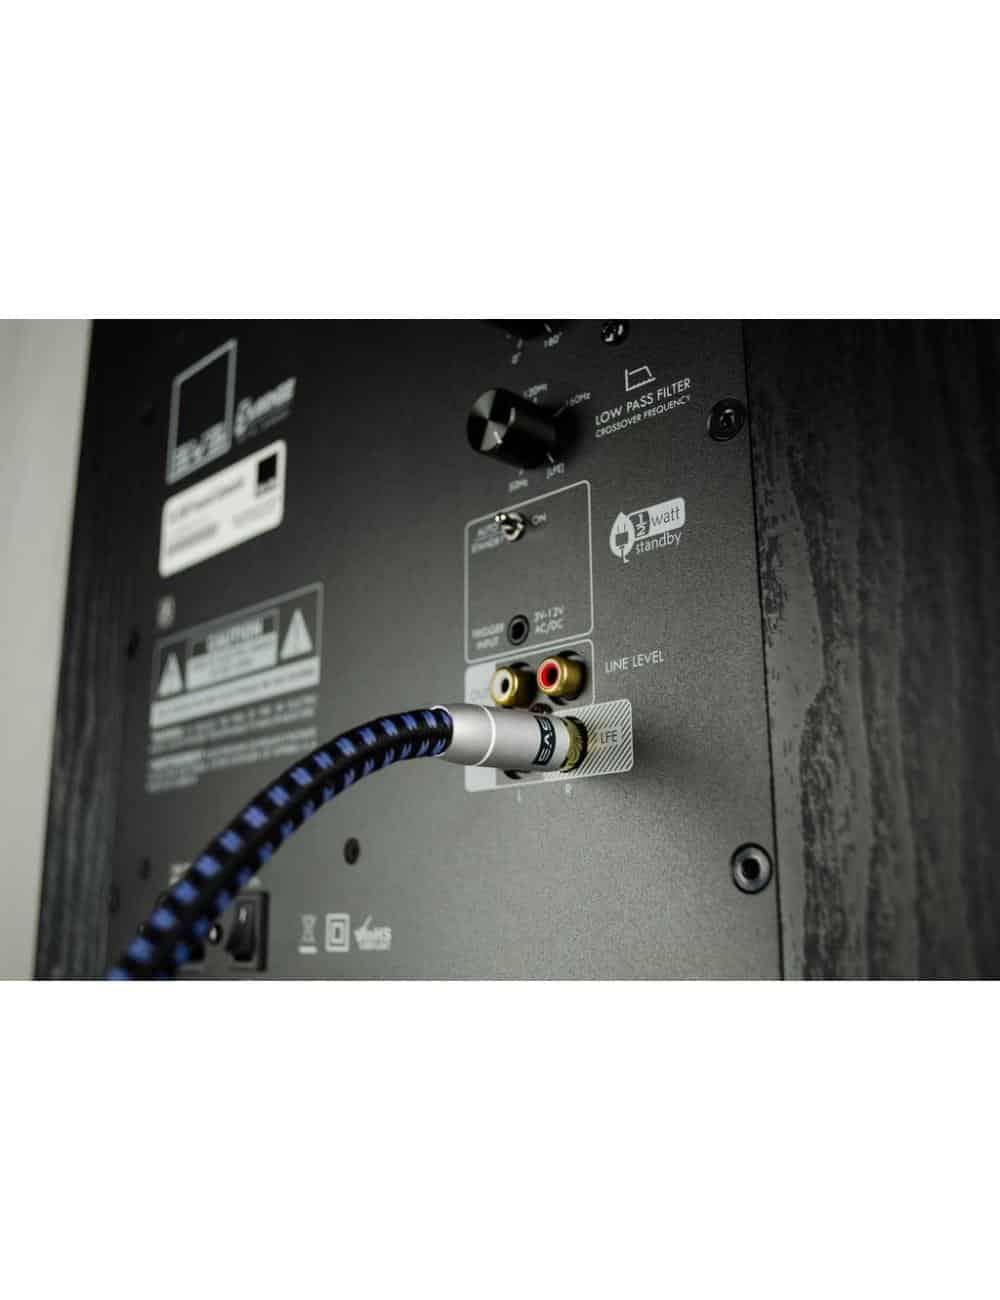 cavo di segnale per subwoofer con terminazioni RCA HiFI, SVS SoundPath RCA Subwoofer, dettaglio connessione LFE